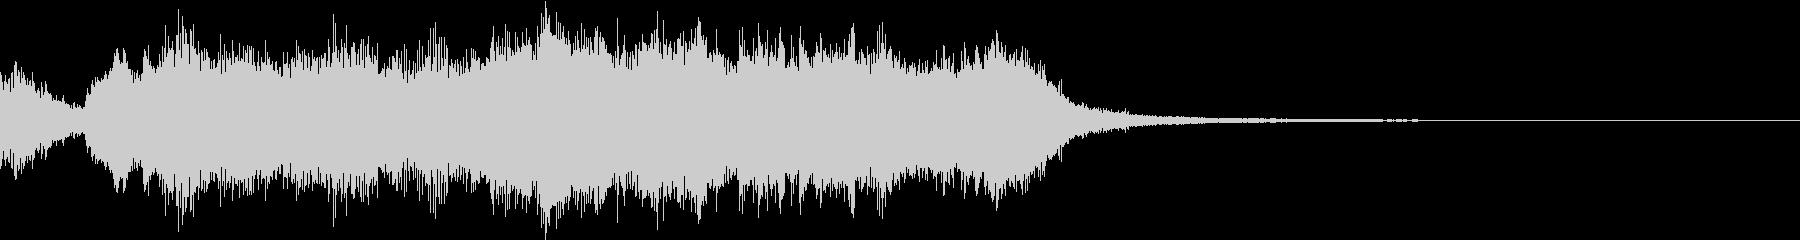 ファンファーレ系オーケストラの未再生の波形